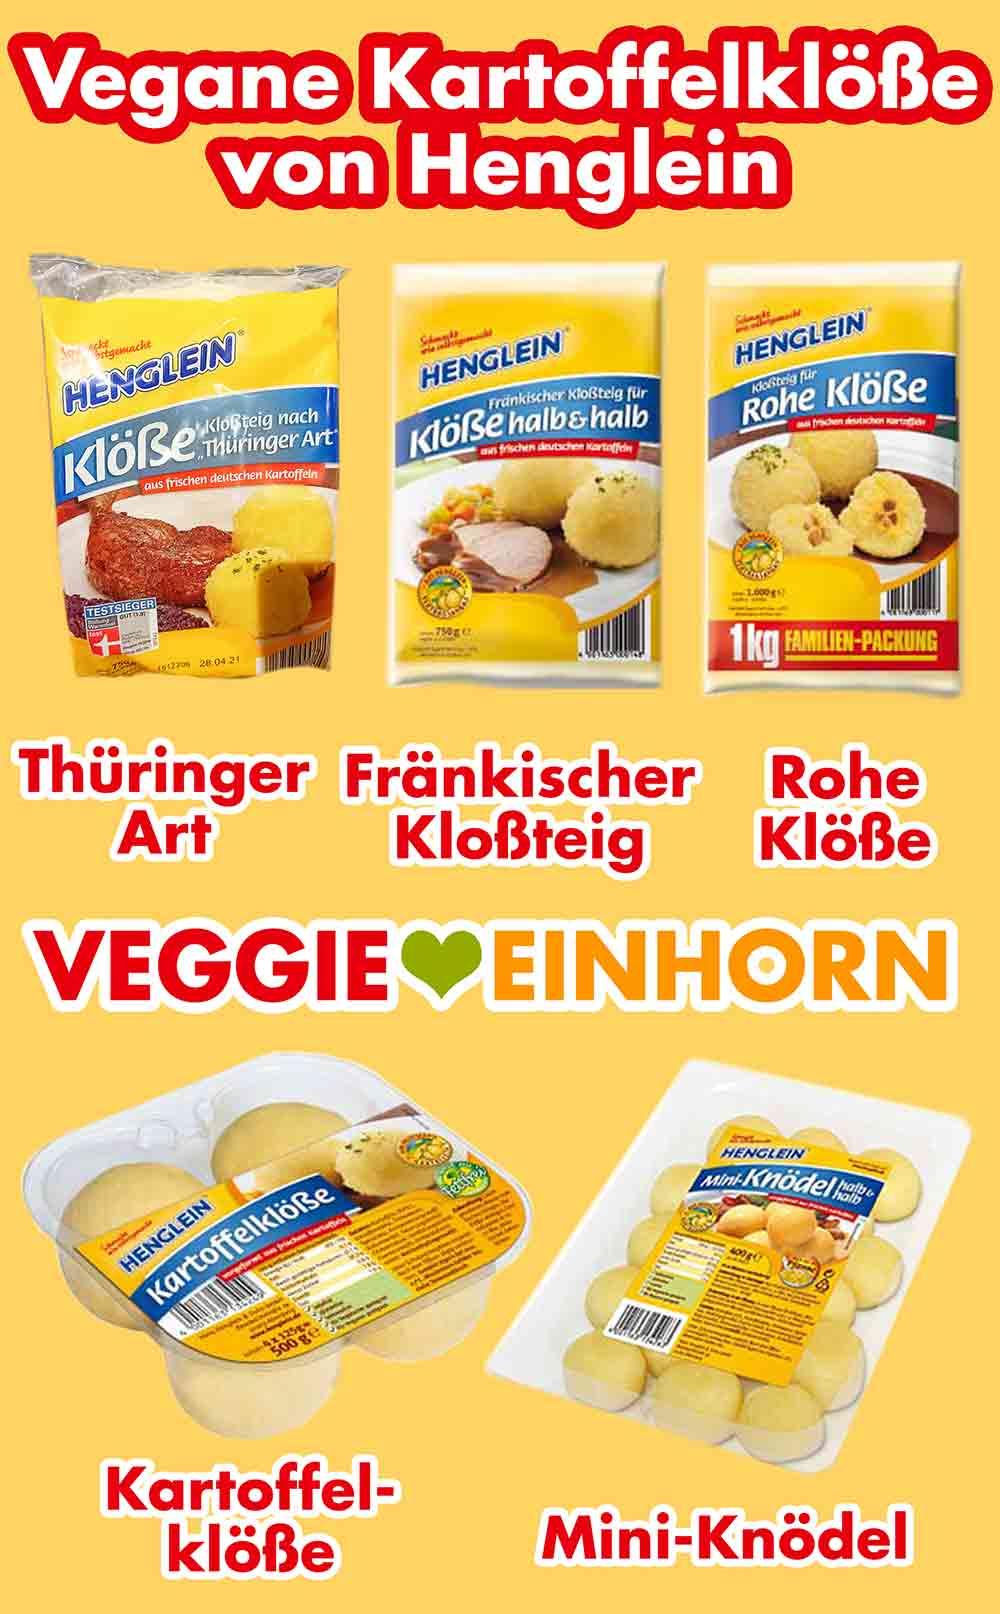 Vegane Kartoffelklöße von Henglein